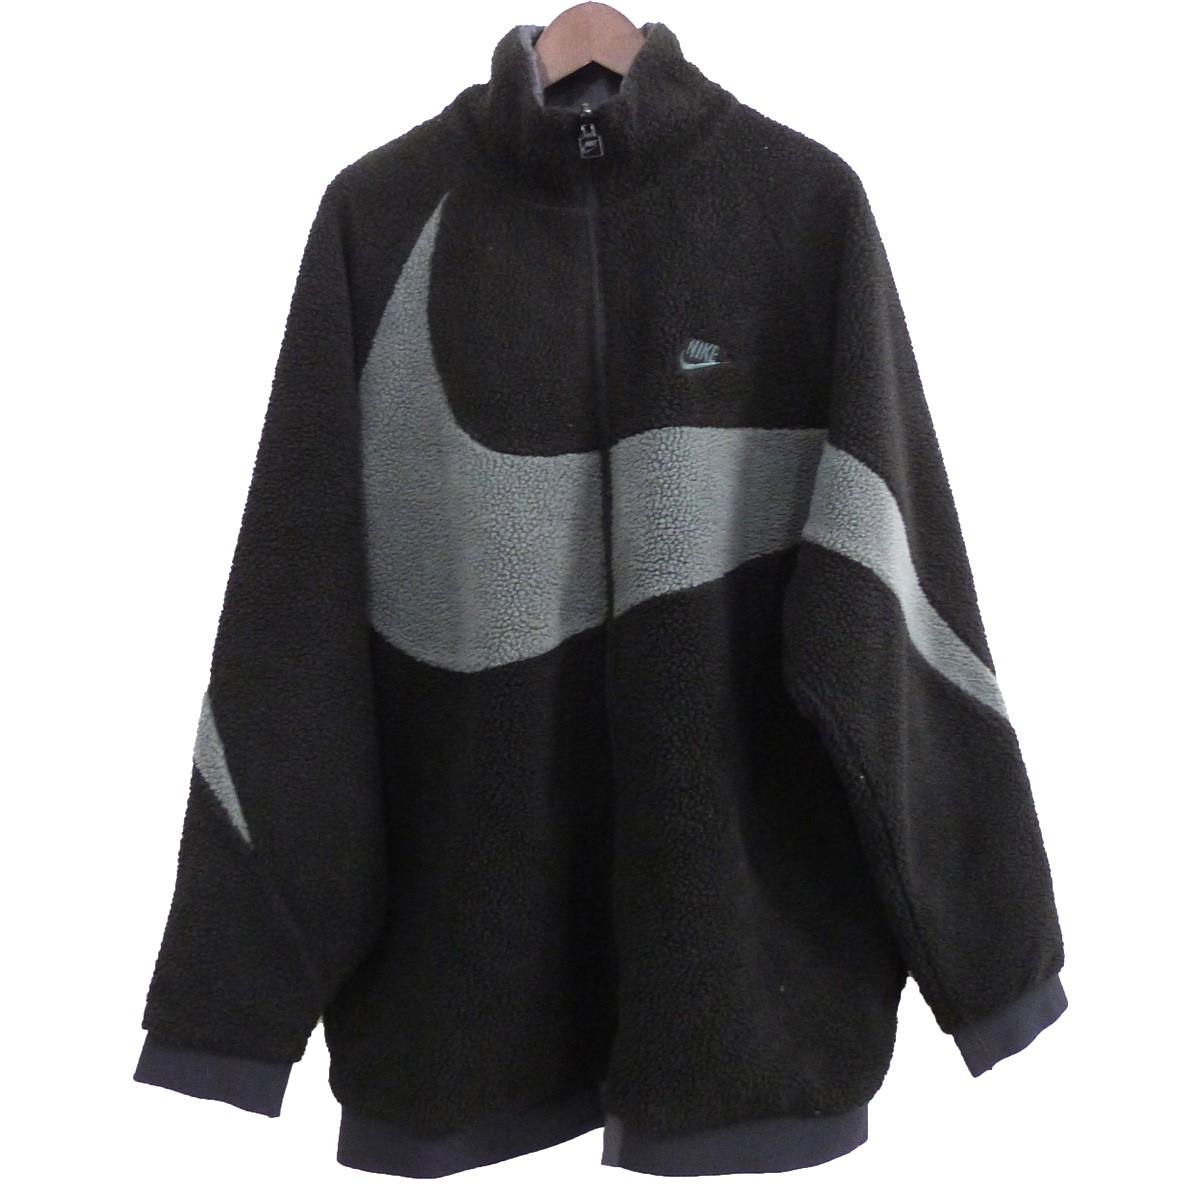 【中古】NIKE 18AW「NSW REVERSIBLE SWOOSH FULL ZIP JACKET」ジャケット ブラック サイズ:M 【110520】(ナイキ)